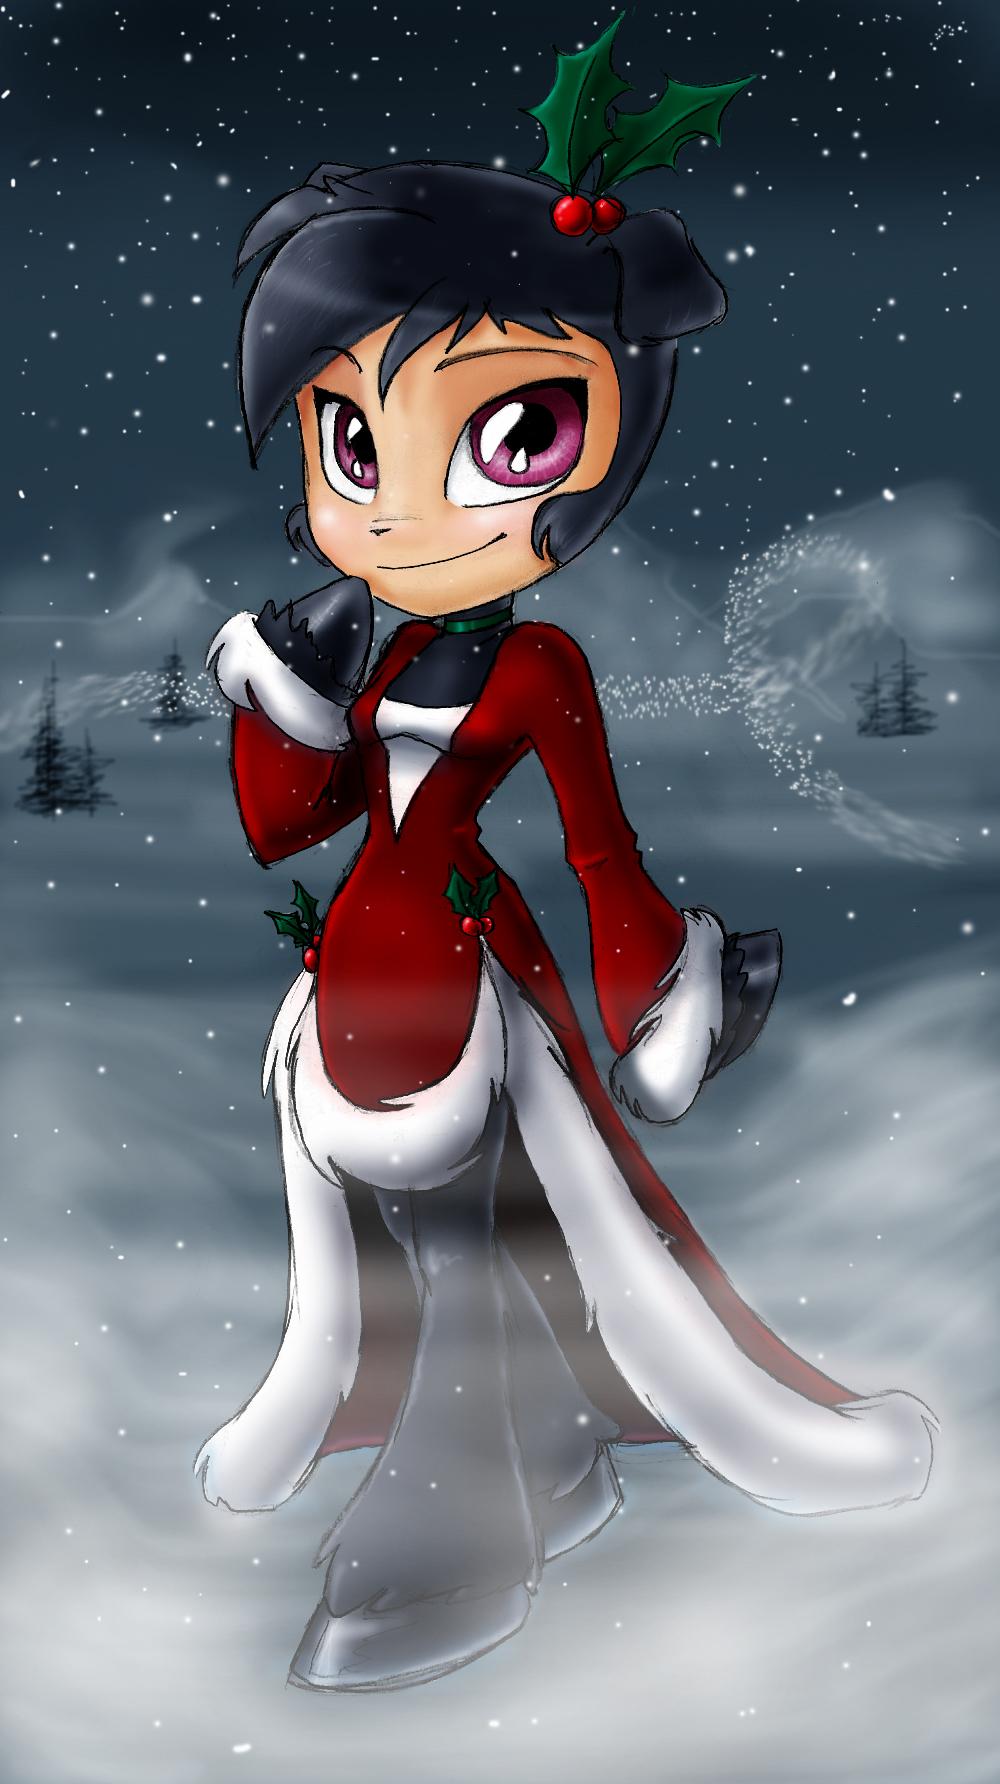 Bo in the Snow